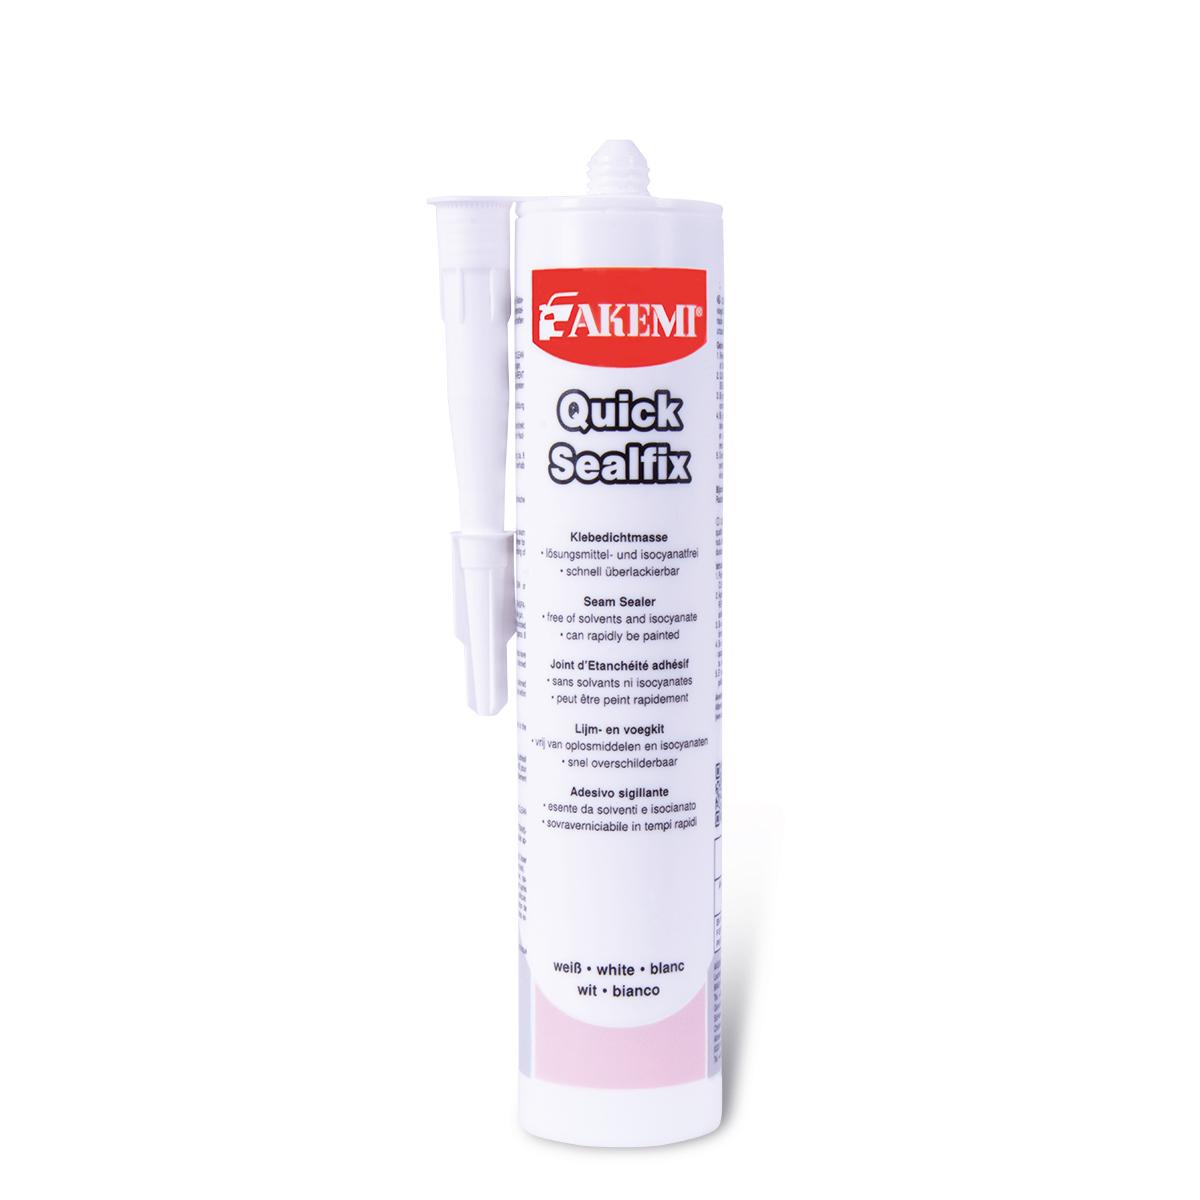 Akemi Quick sealfix sealer, Grå - 290 ml.